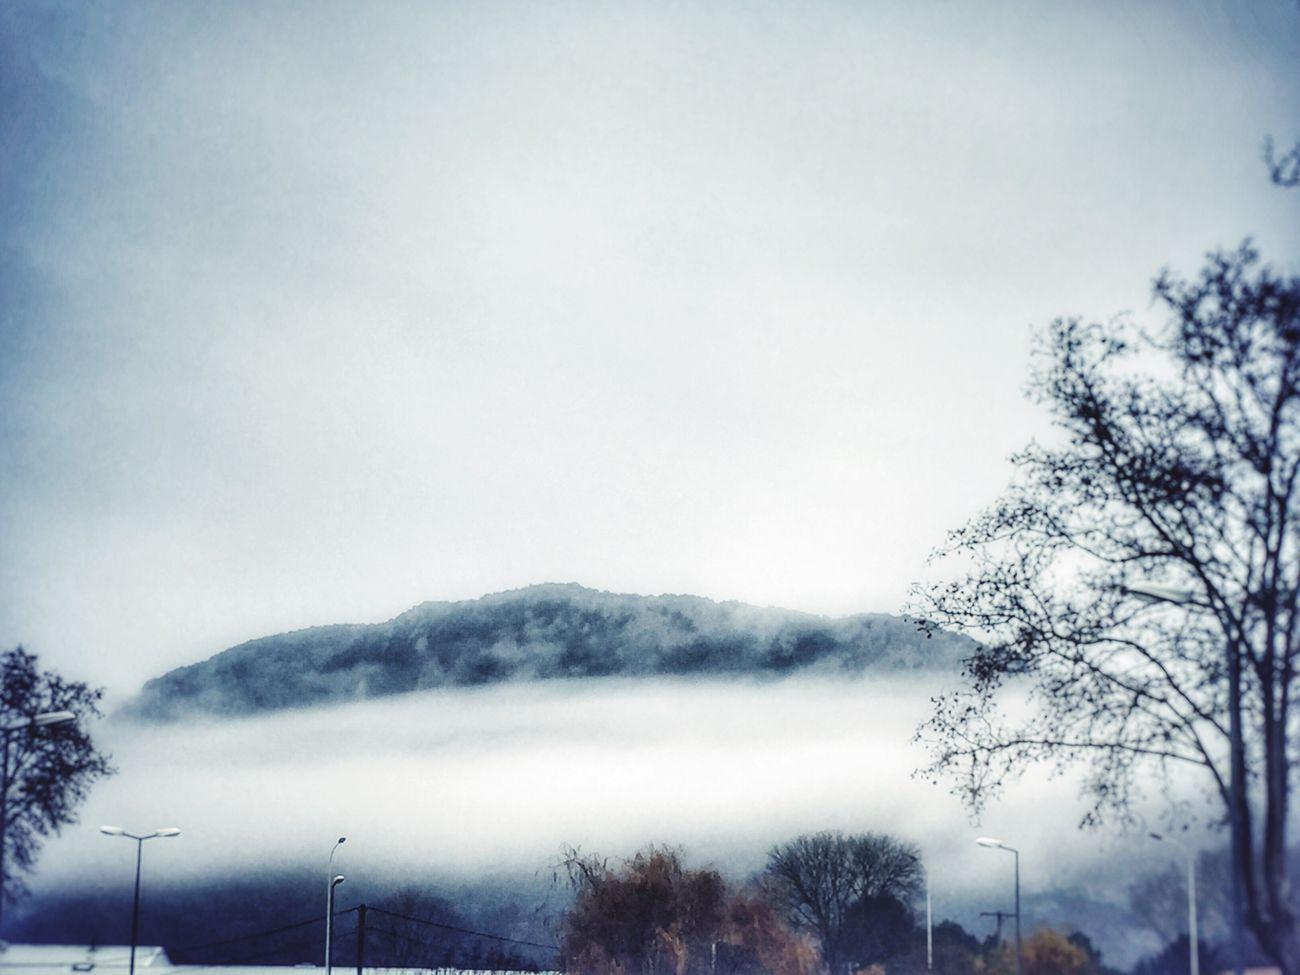 """""""L'hiver à ses débuts ressemble toujours à une fête attendue. Ce n'est qu'après qu'on se demande ce qu'on pouvait bien tant attendre."""" Marie Laberge Hello World Relaxing Natural Beauty Wild Life Seul Perdu"""